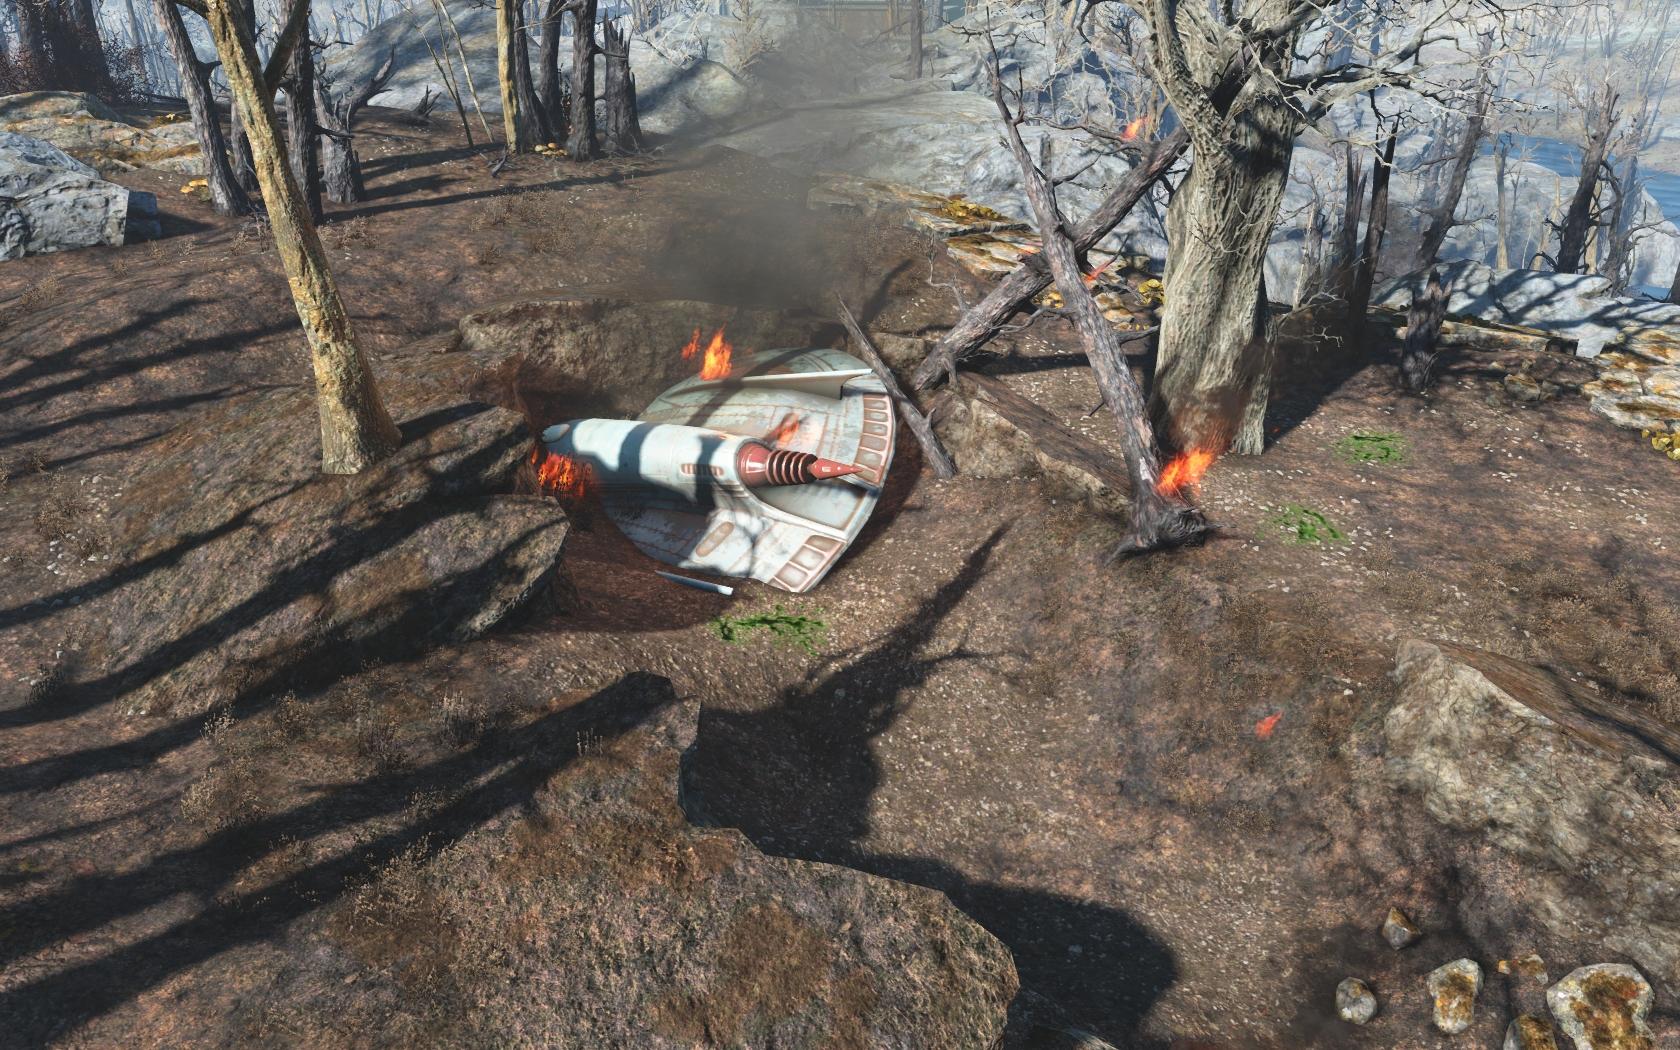 Крушение Чужого (юго-восточнее Станции Оберленд) #1 - Fallout 4 Дзетанец, НЛО, Оберленд, Чужой